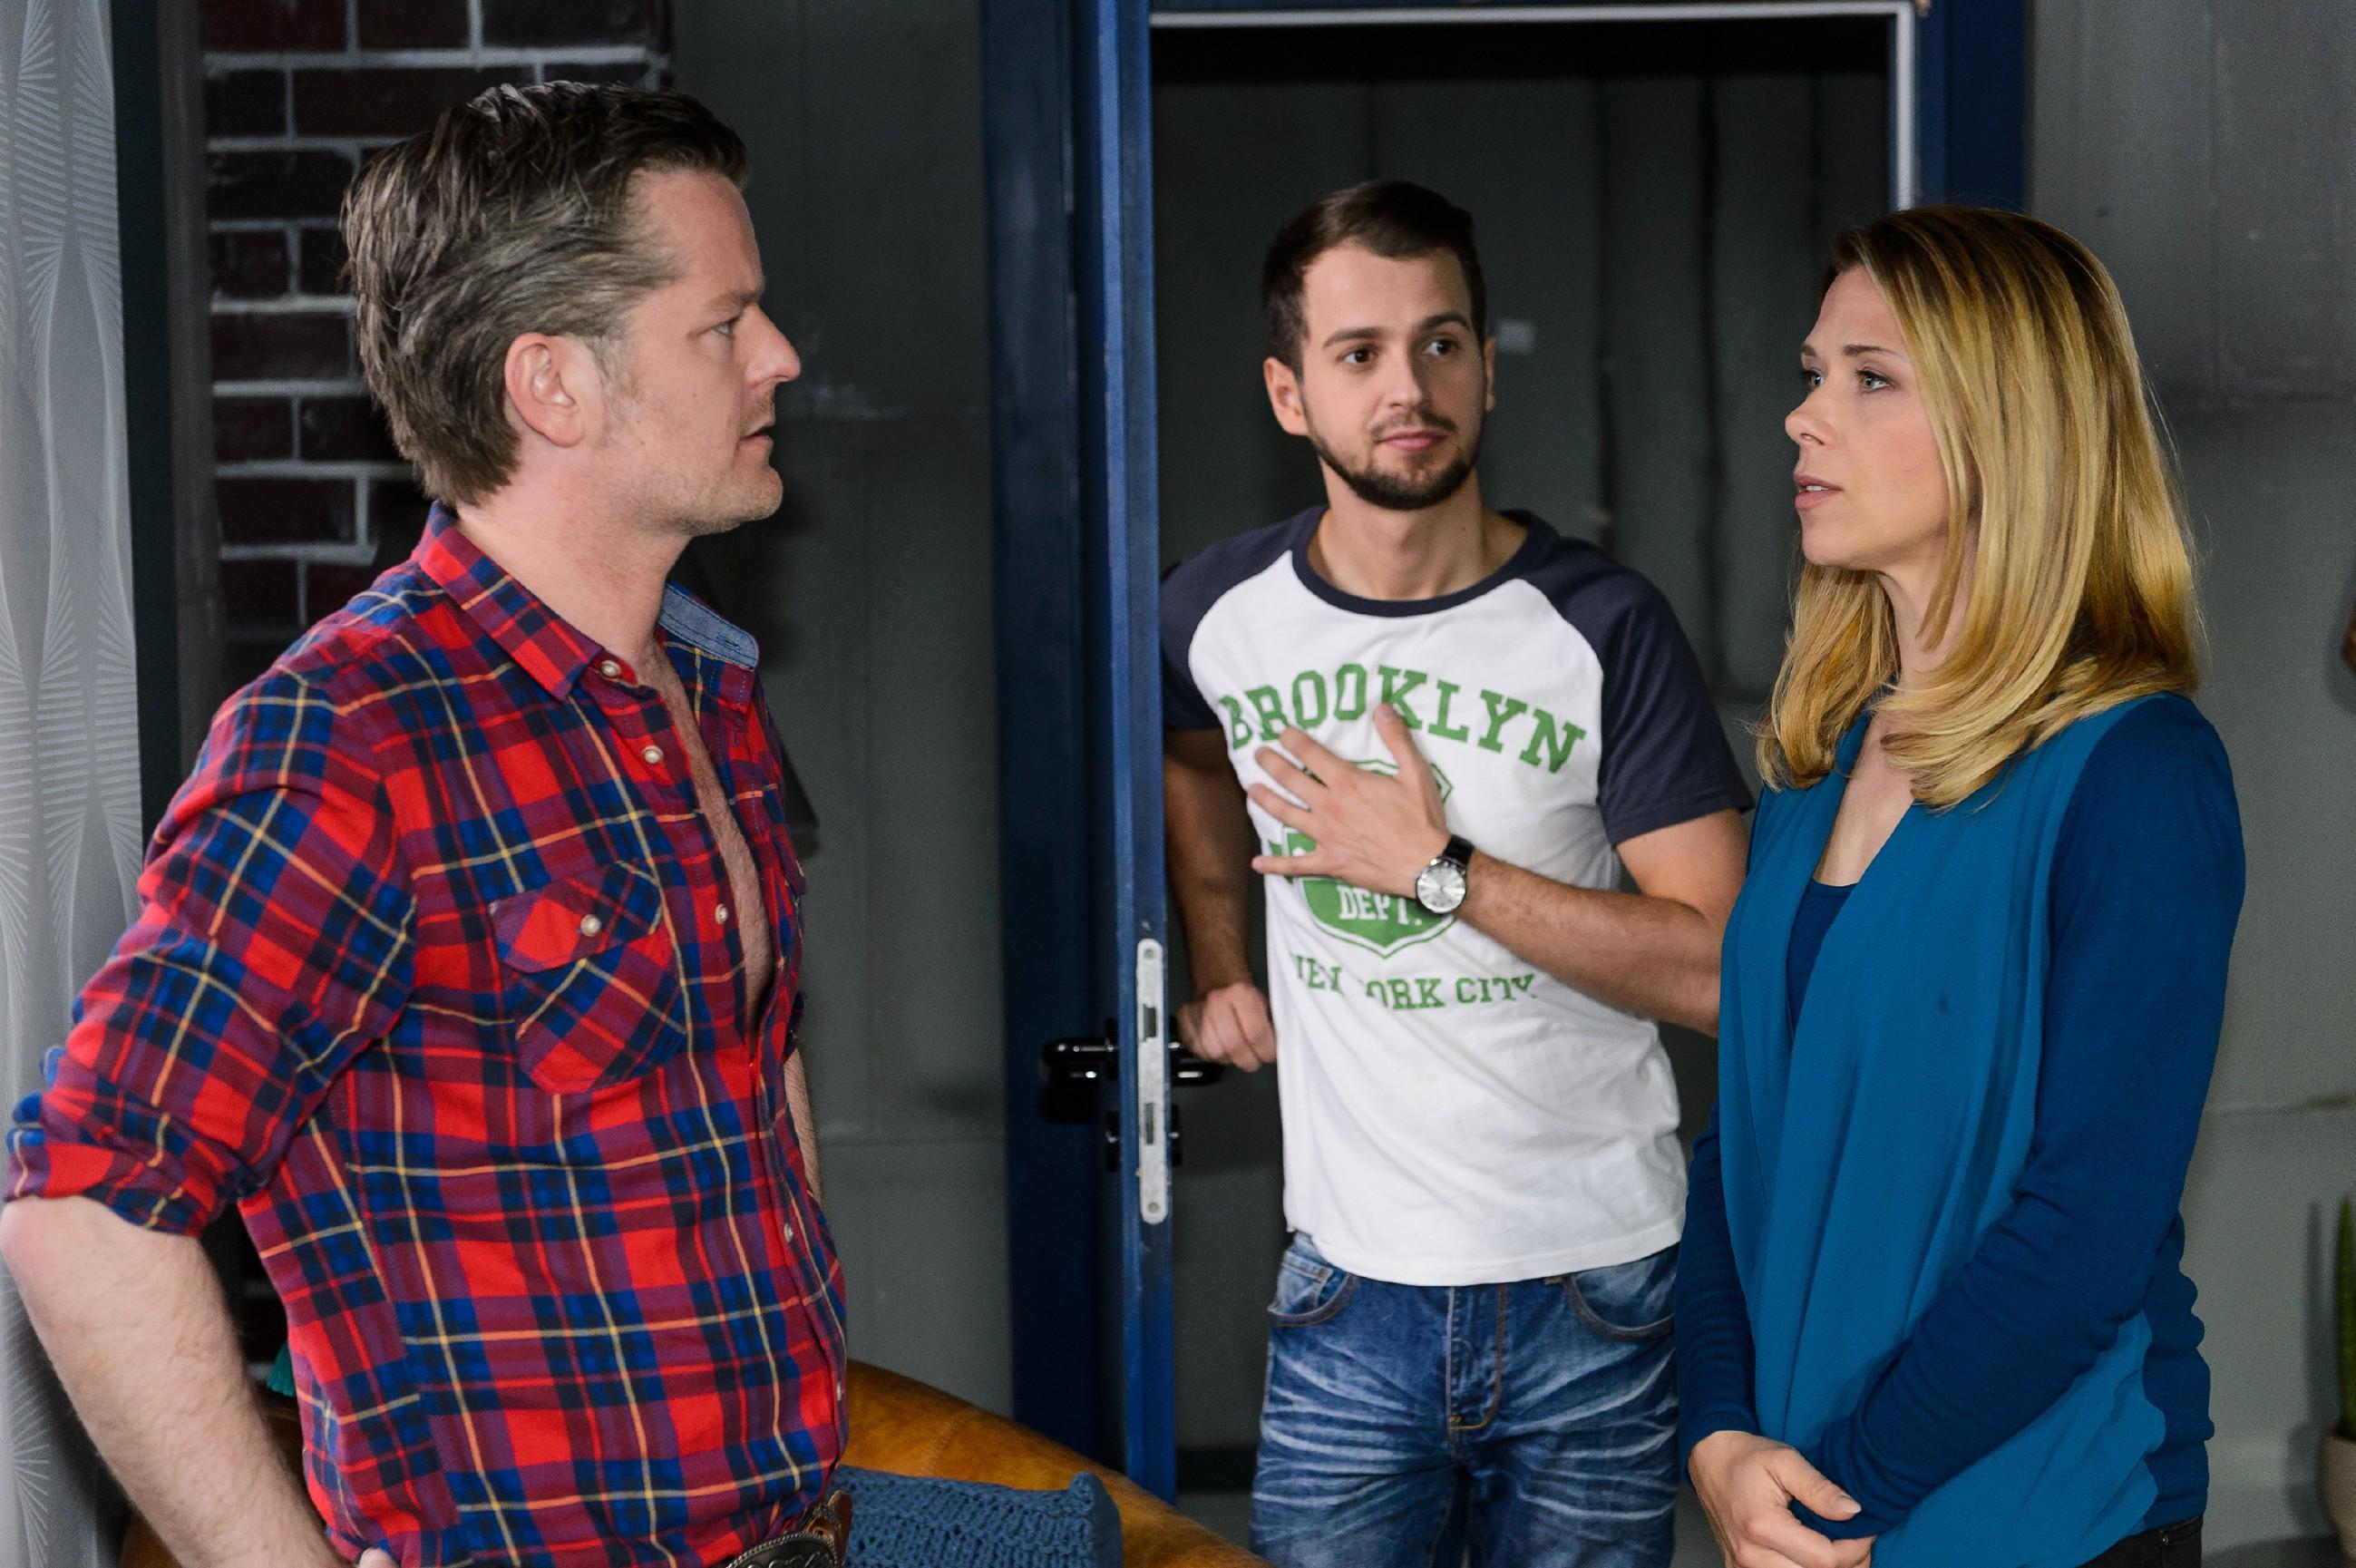 Als Tobi (Michael Jassin, M.) plötzlich in der Tür steht, versucht Diana (Tanja Szewczenko), trotz ihrer verletzten Gefühle, für Ingo (André Dietz) da zu sein. (Quelle: RTL / Willi Weber)